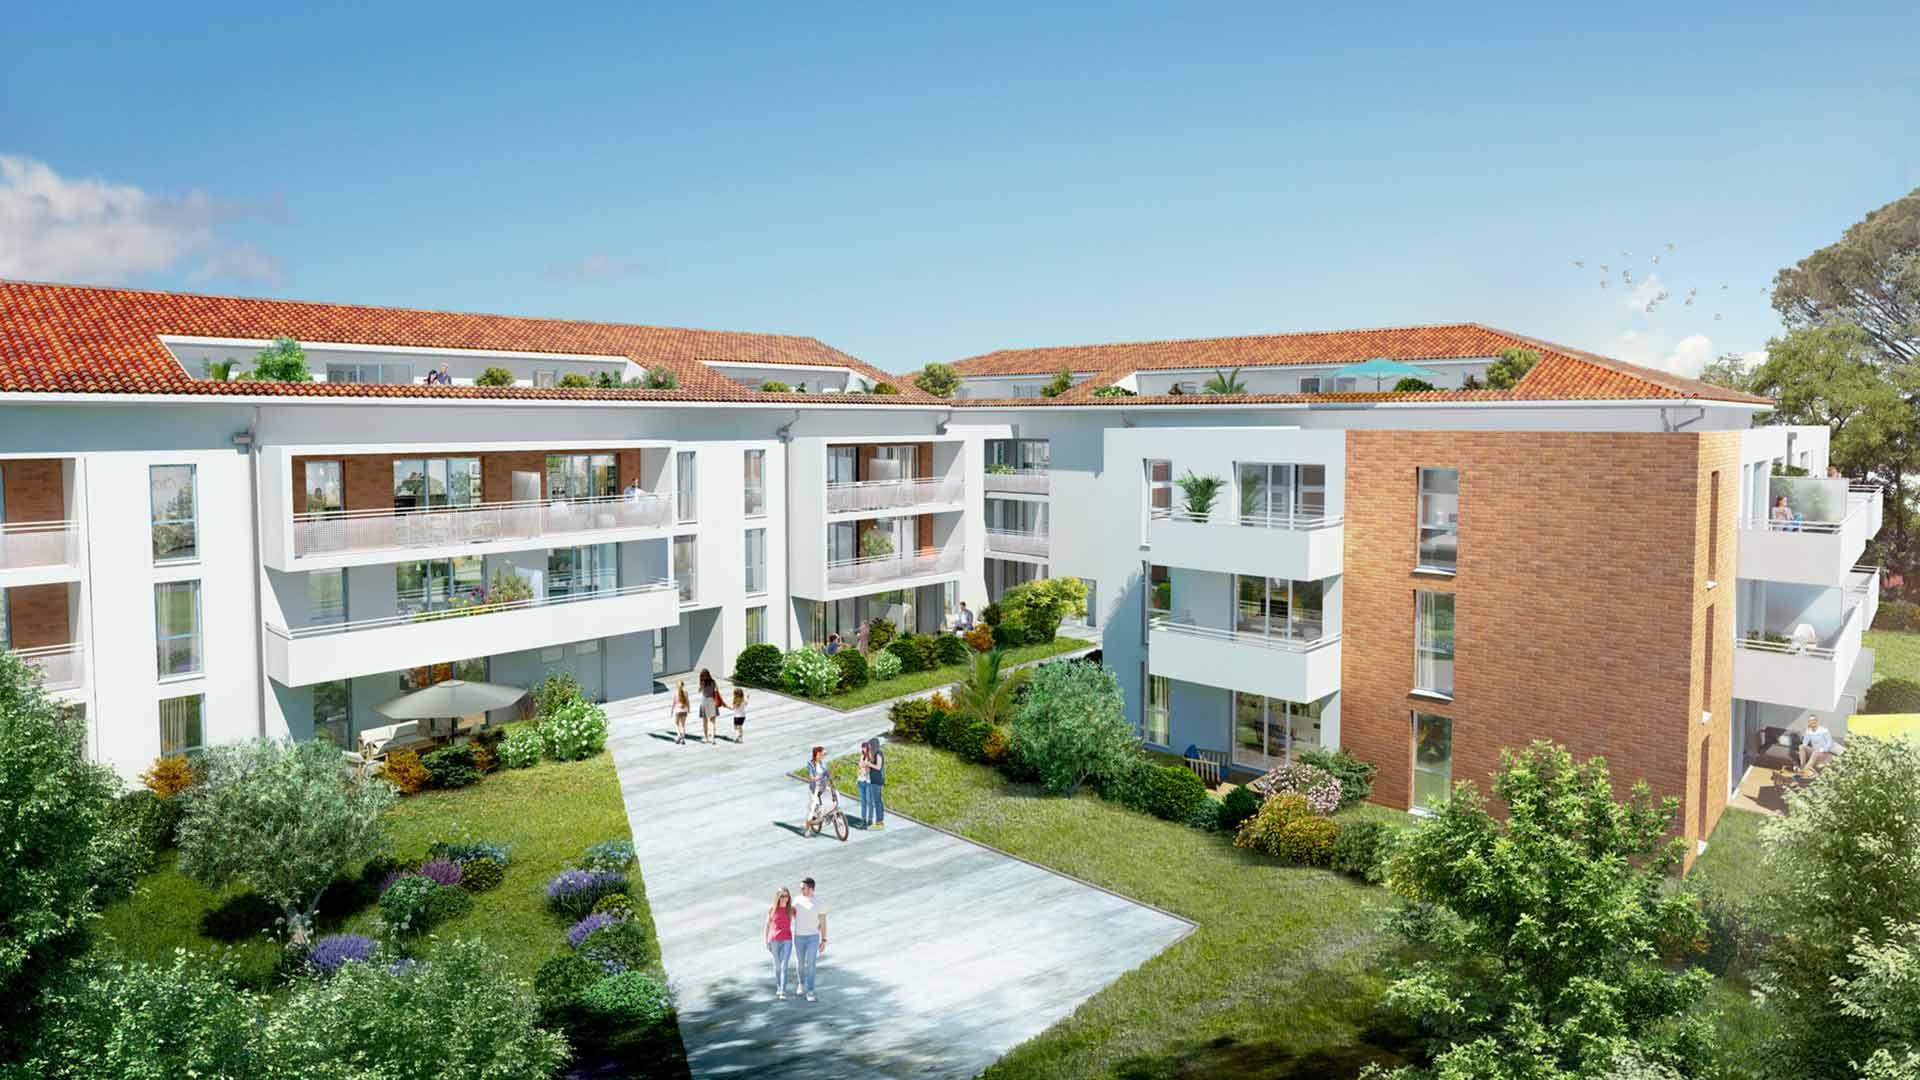 Les jardins de josephine à Toulouse